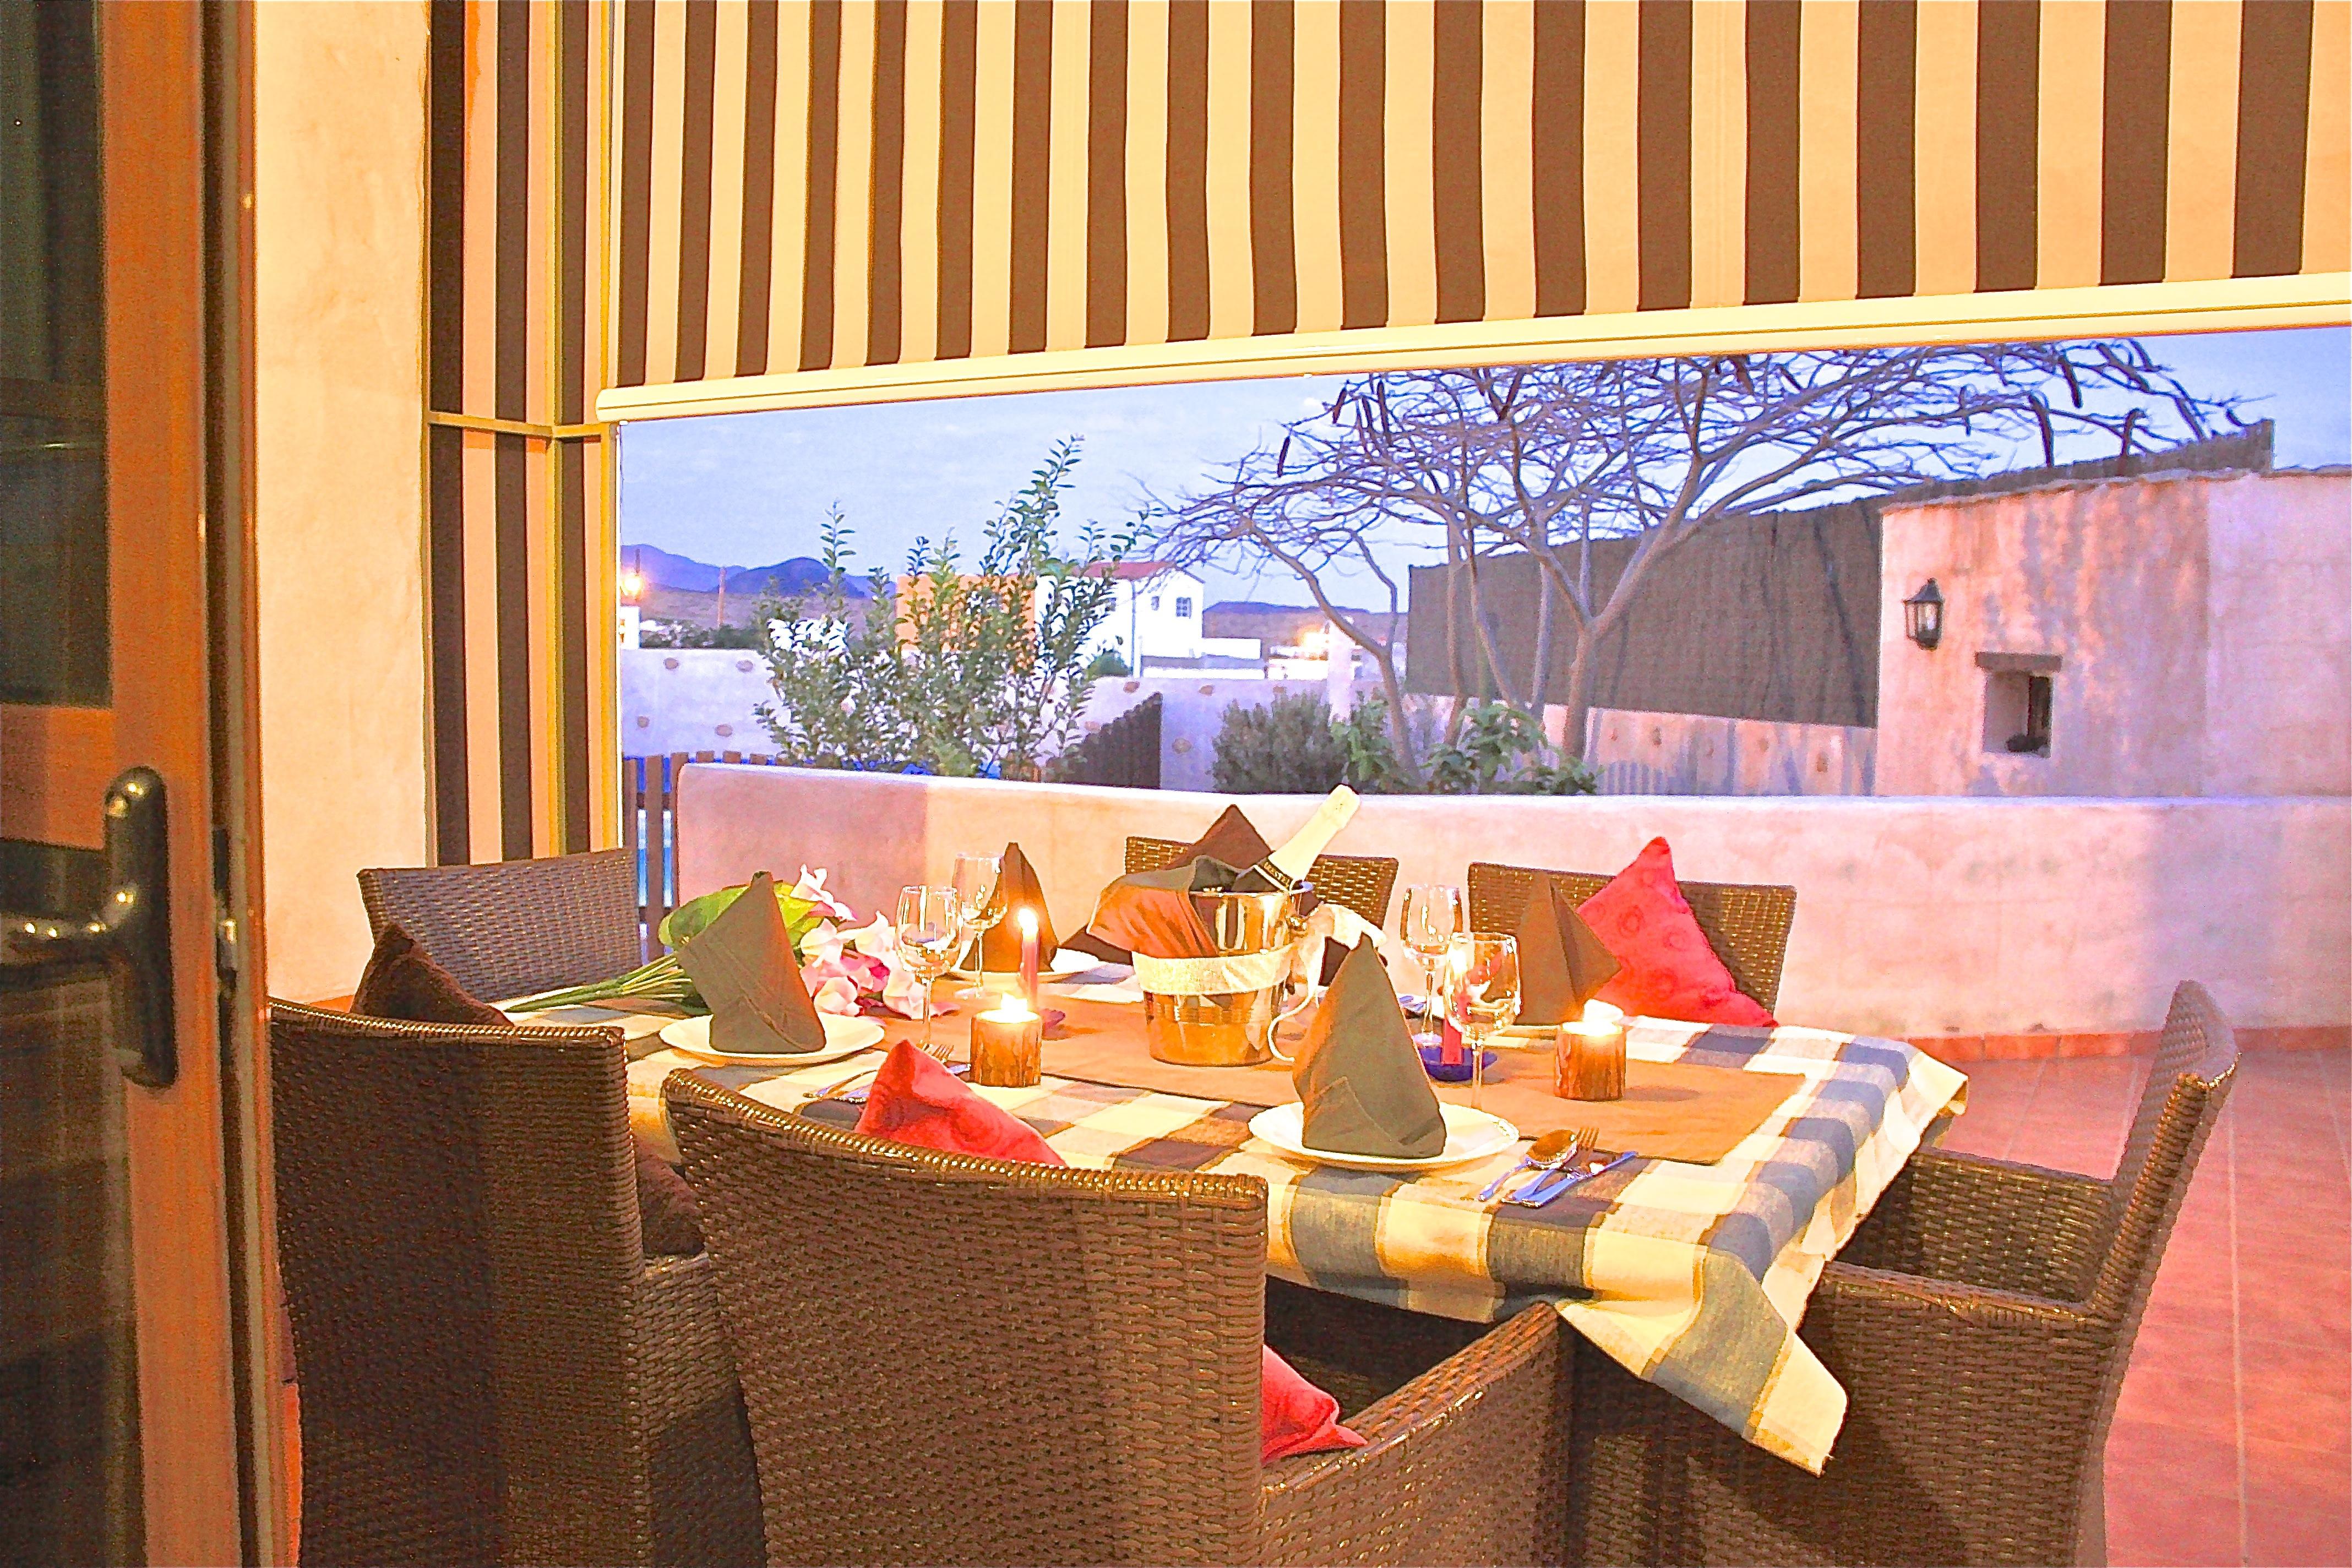 Weihnachten auf Fuerteventura. Lastminute-Angebote für Ferienhaus, Ferienwohnung und Finca.